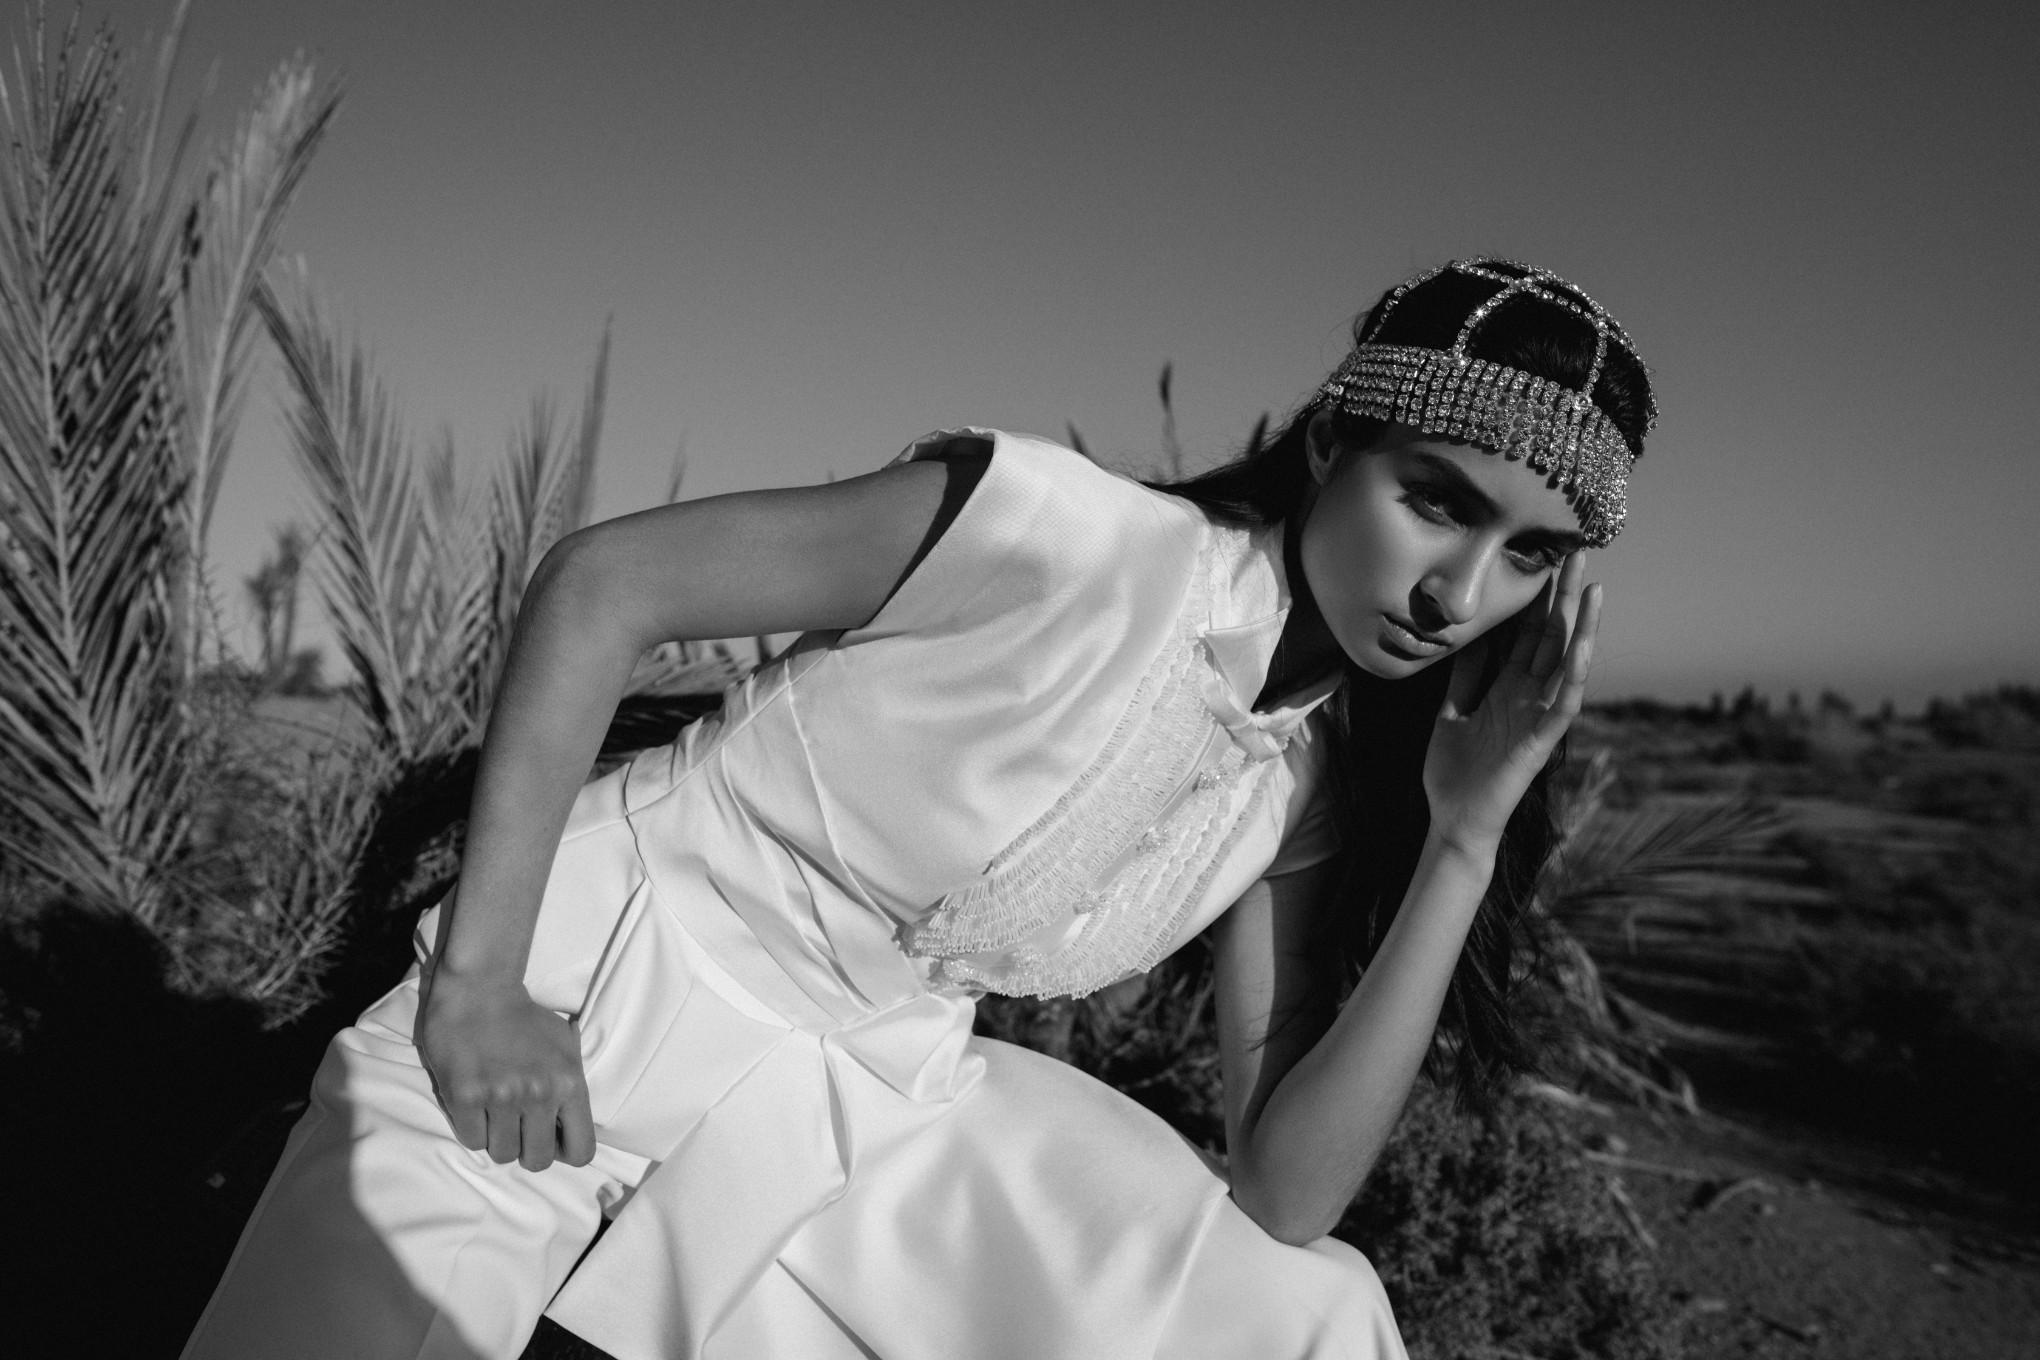 The-Saums-Marrakech-Editorial-16.jpg